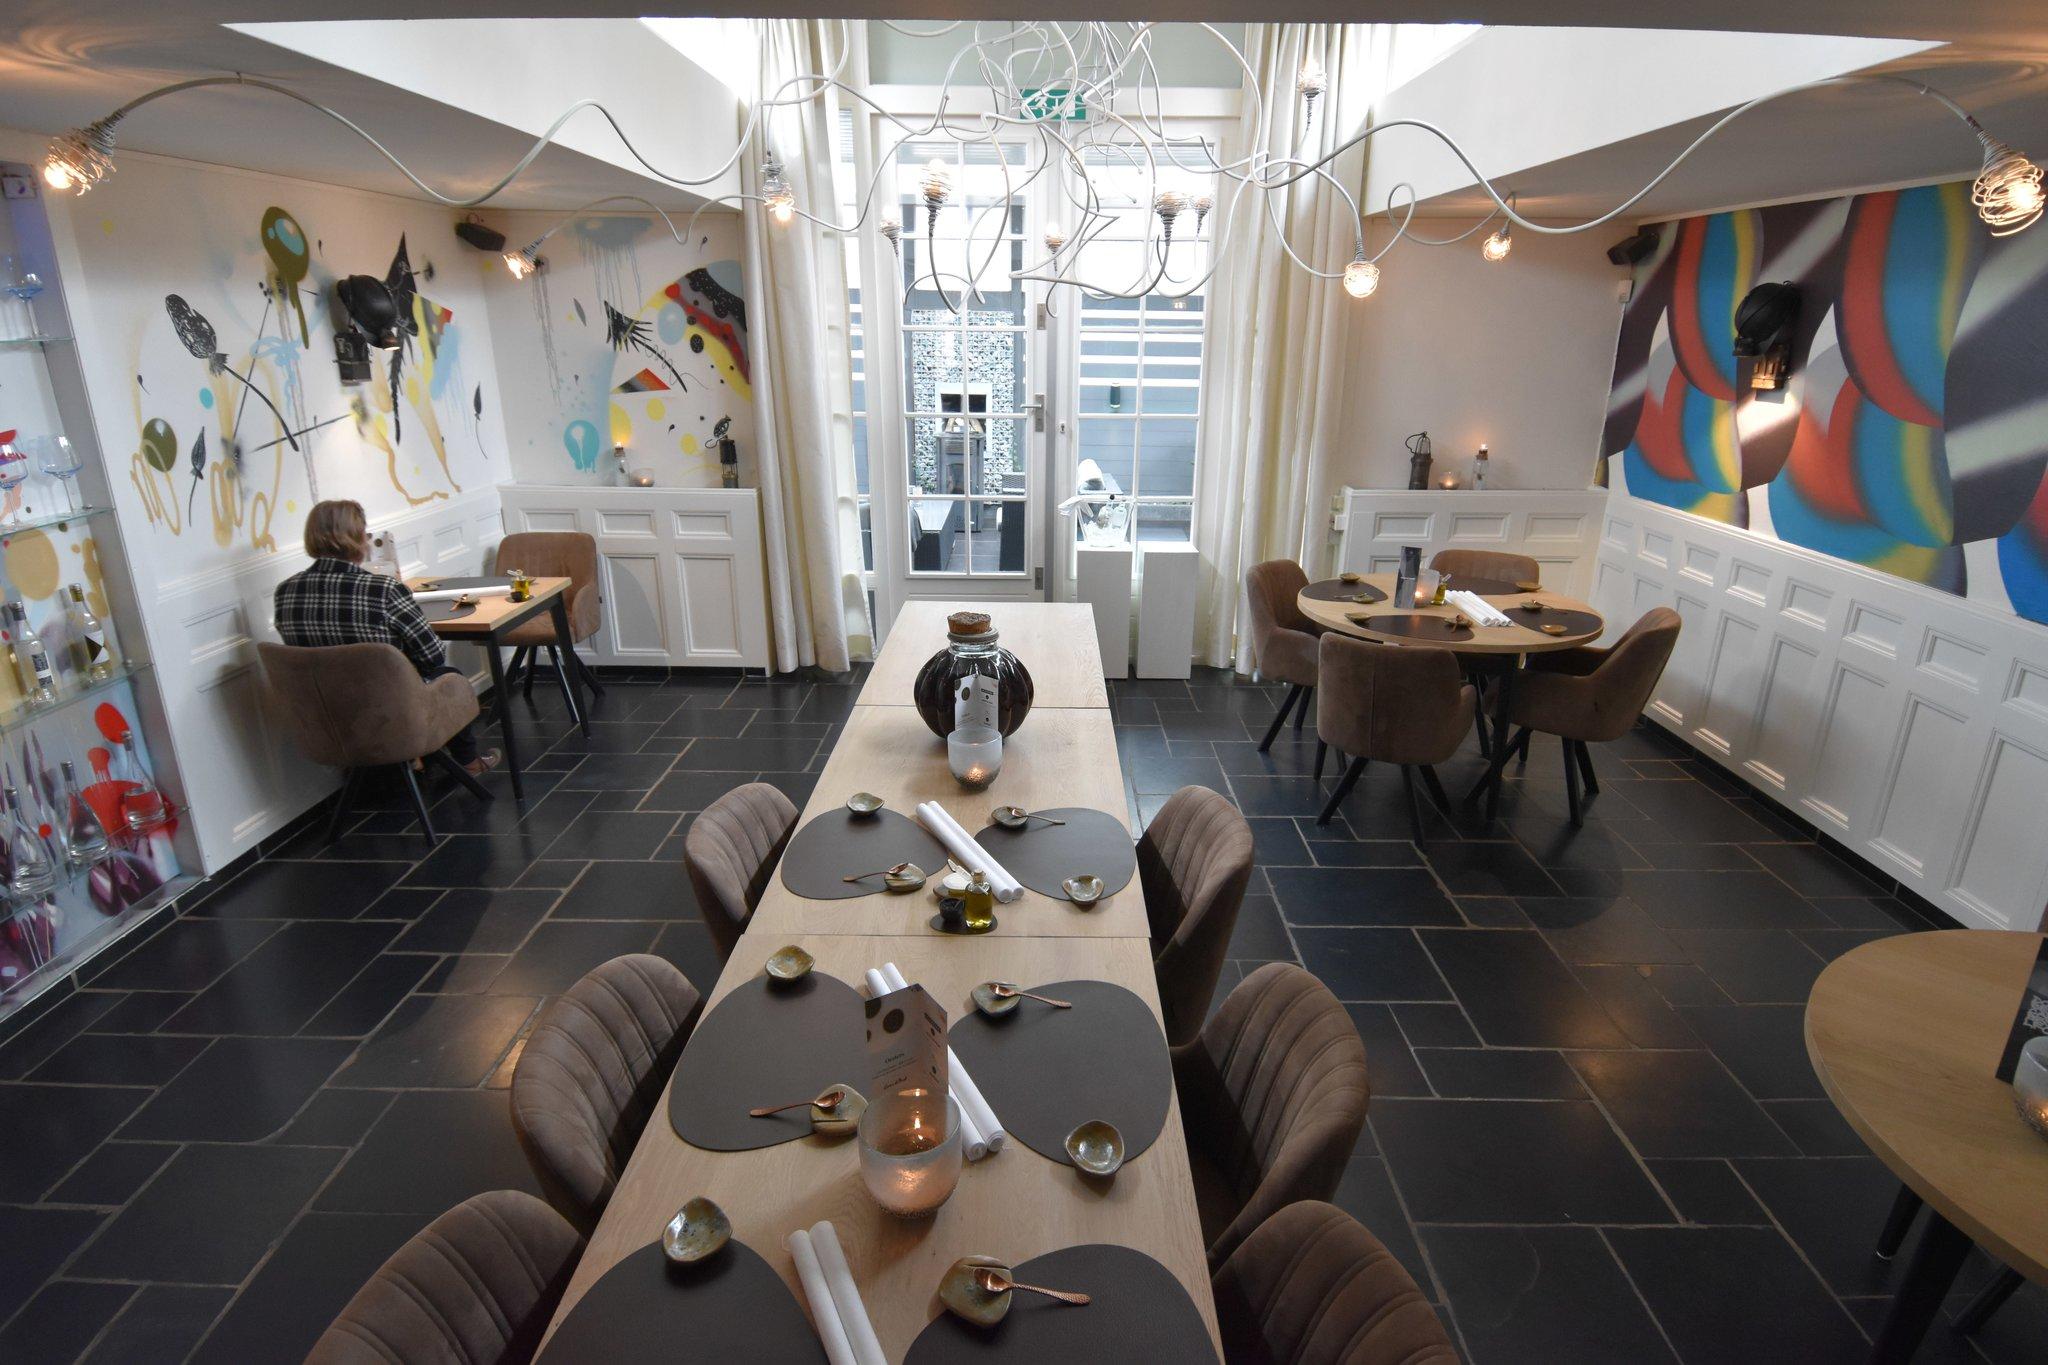 Cucina Del Mondo in Heerlen - Eet.nu